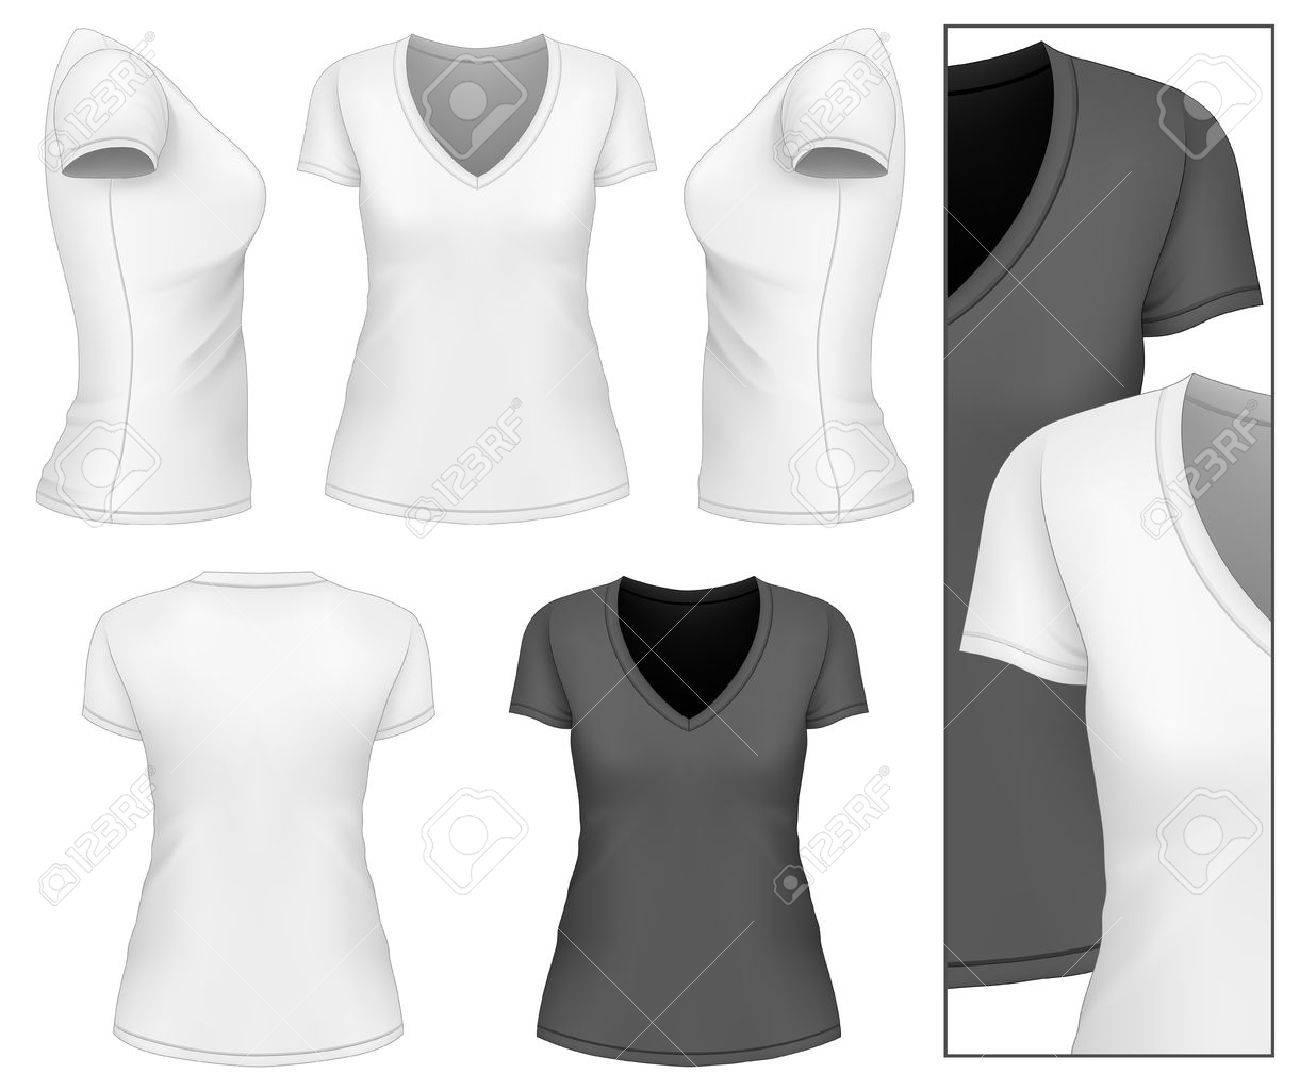 Women\'s V-neck T-shirt Design Template. Vector Illustration. Royalty ...